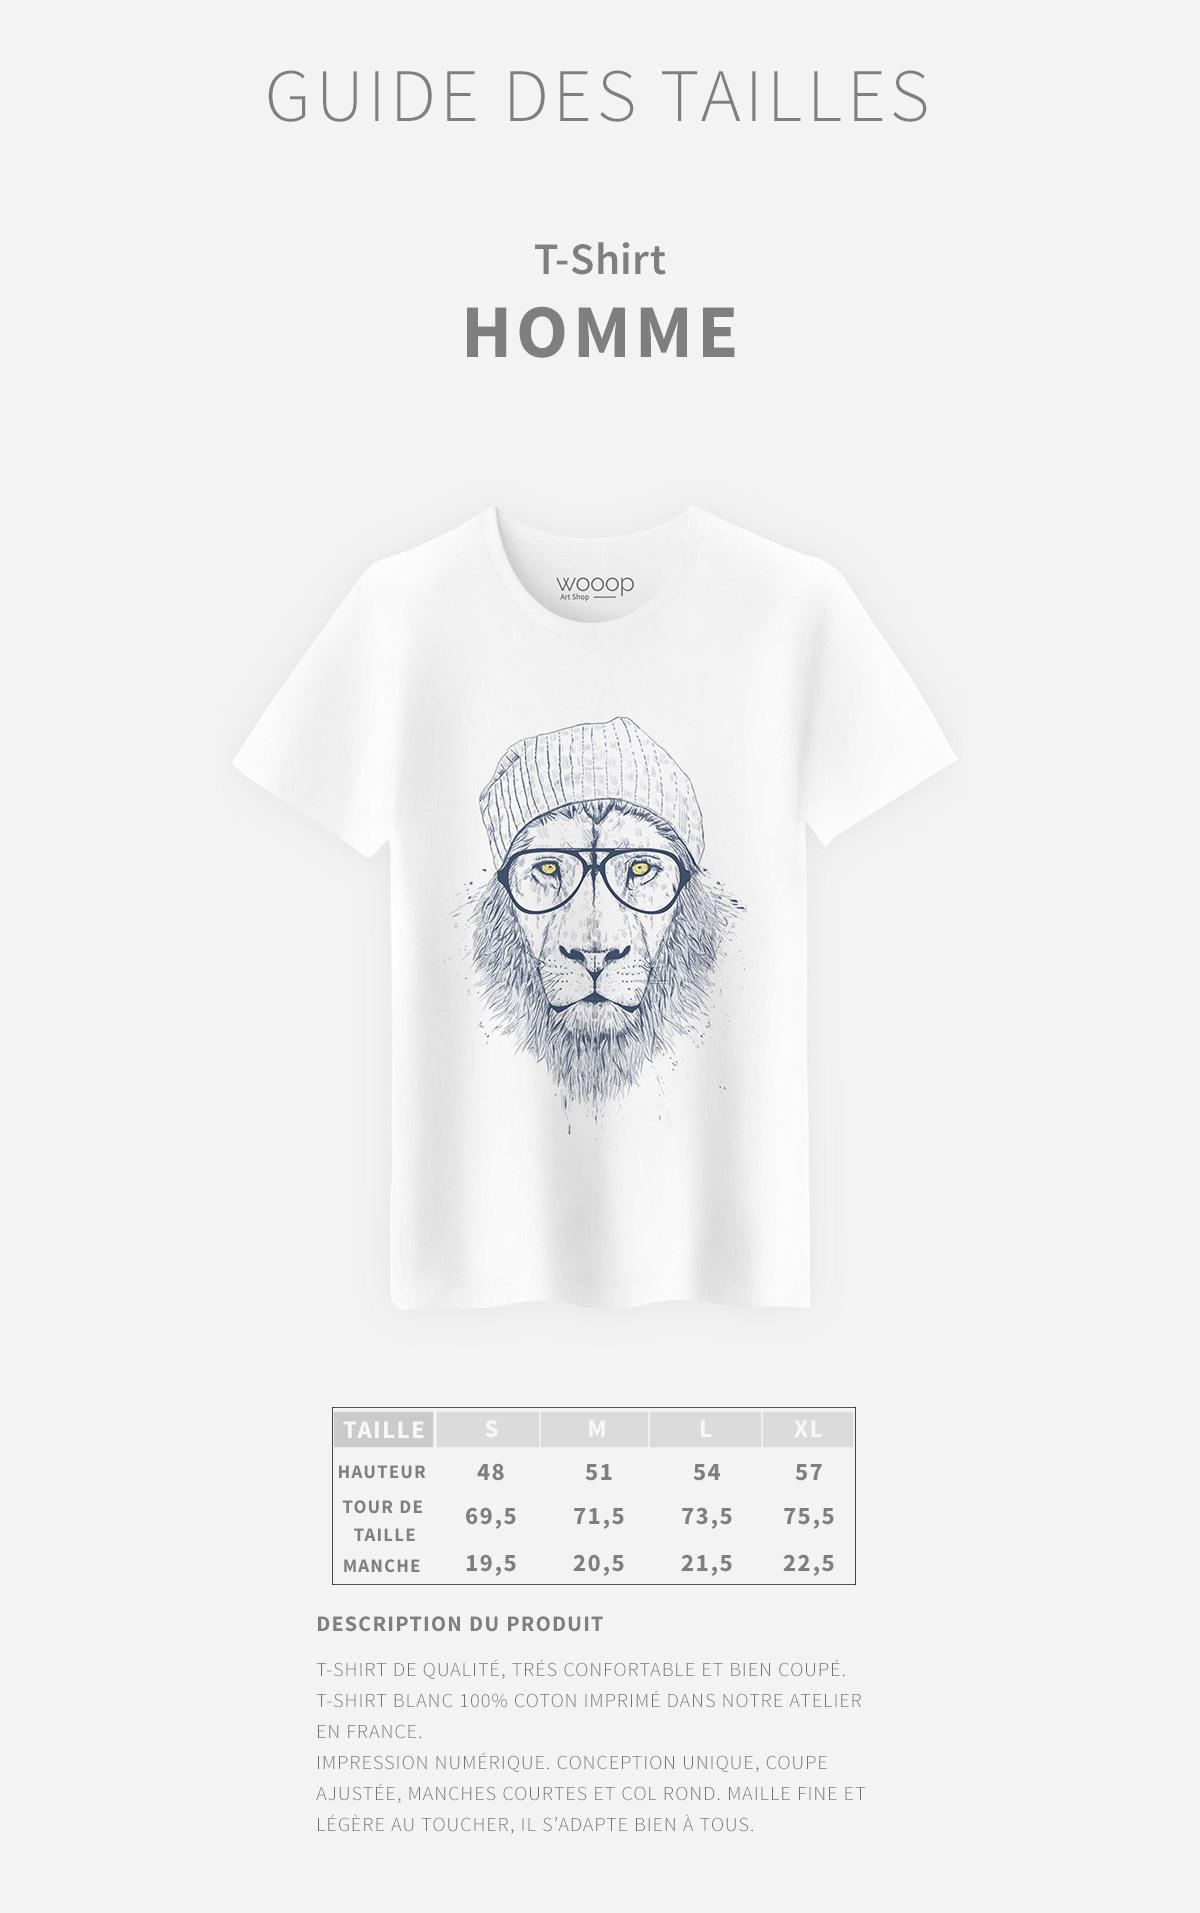 Guide des tailles T-Shirt Homme